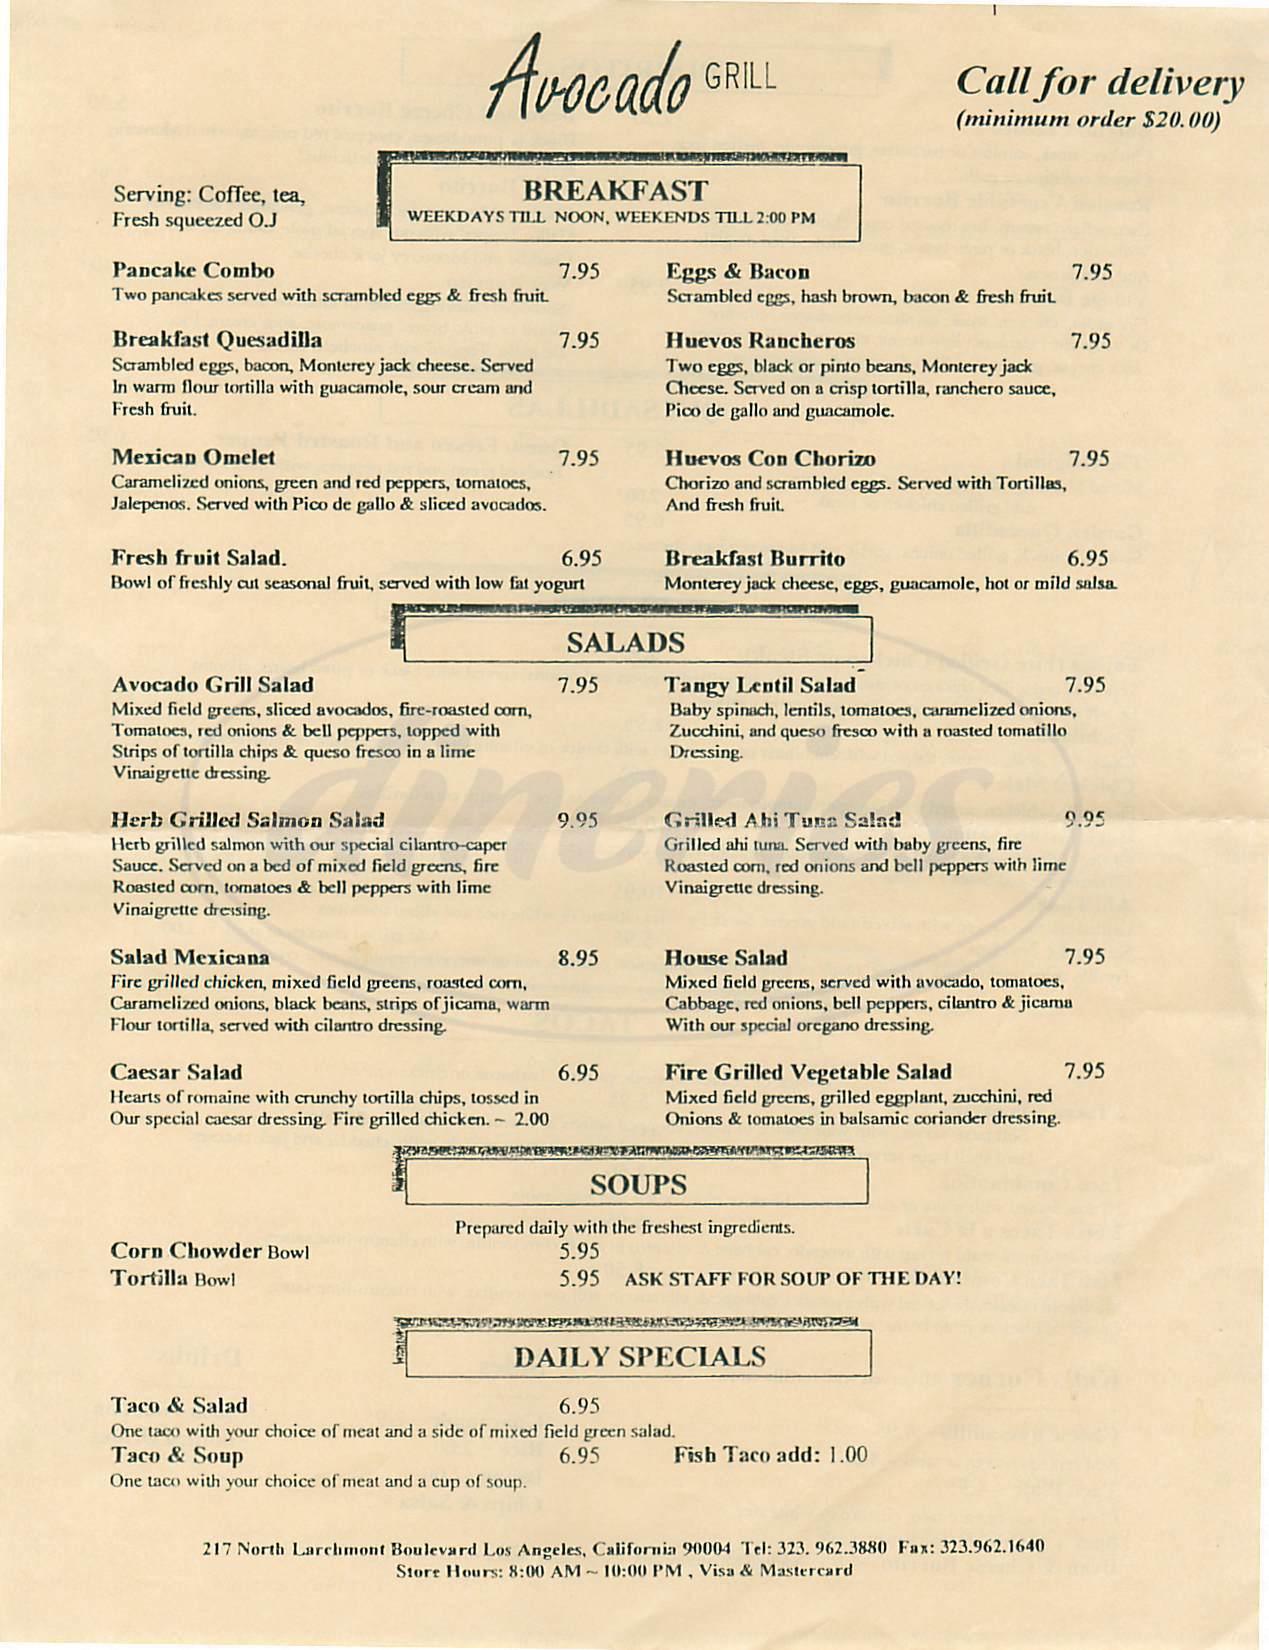 menu for Avocado Grill